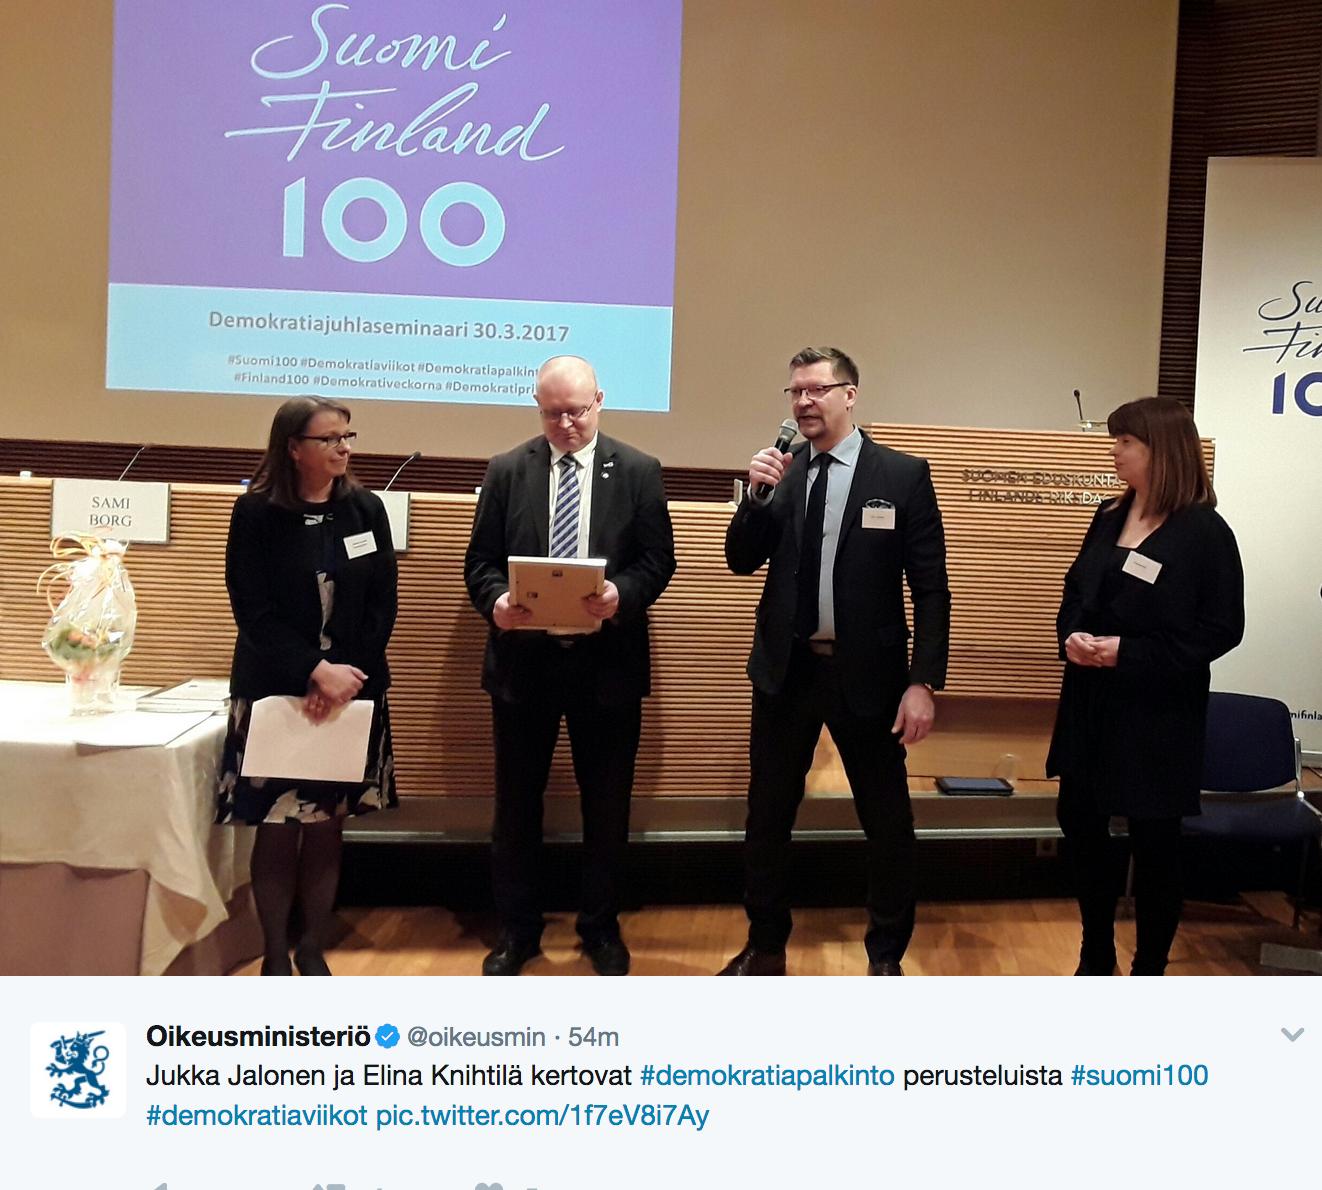 Jääkiekkovalmentaja Jukka Jalonen puhuu Demokratiapalkinnon julkistamistilaisuudessa. (Kuva: Oikeusministeriön Twitter)